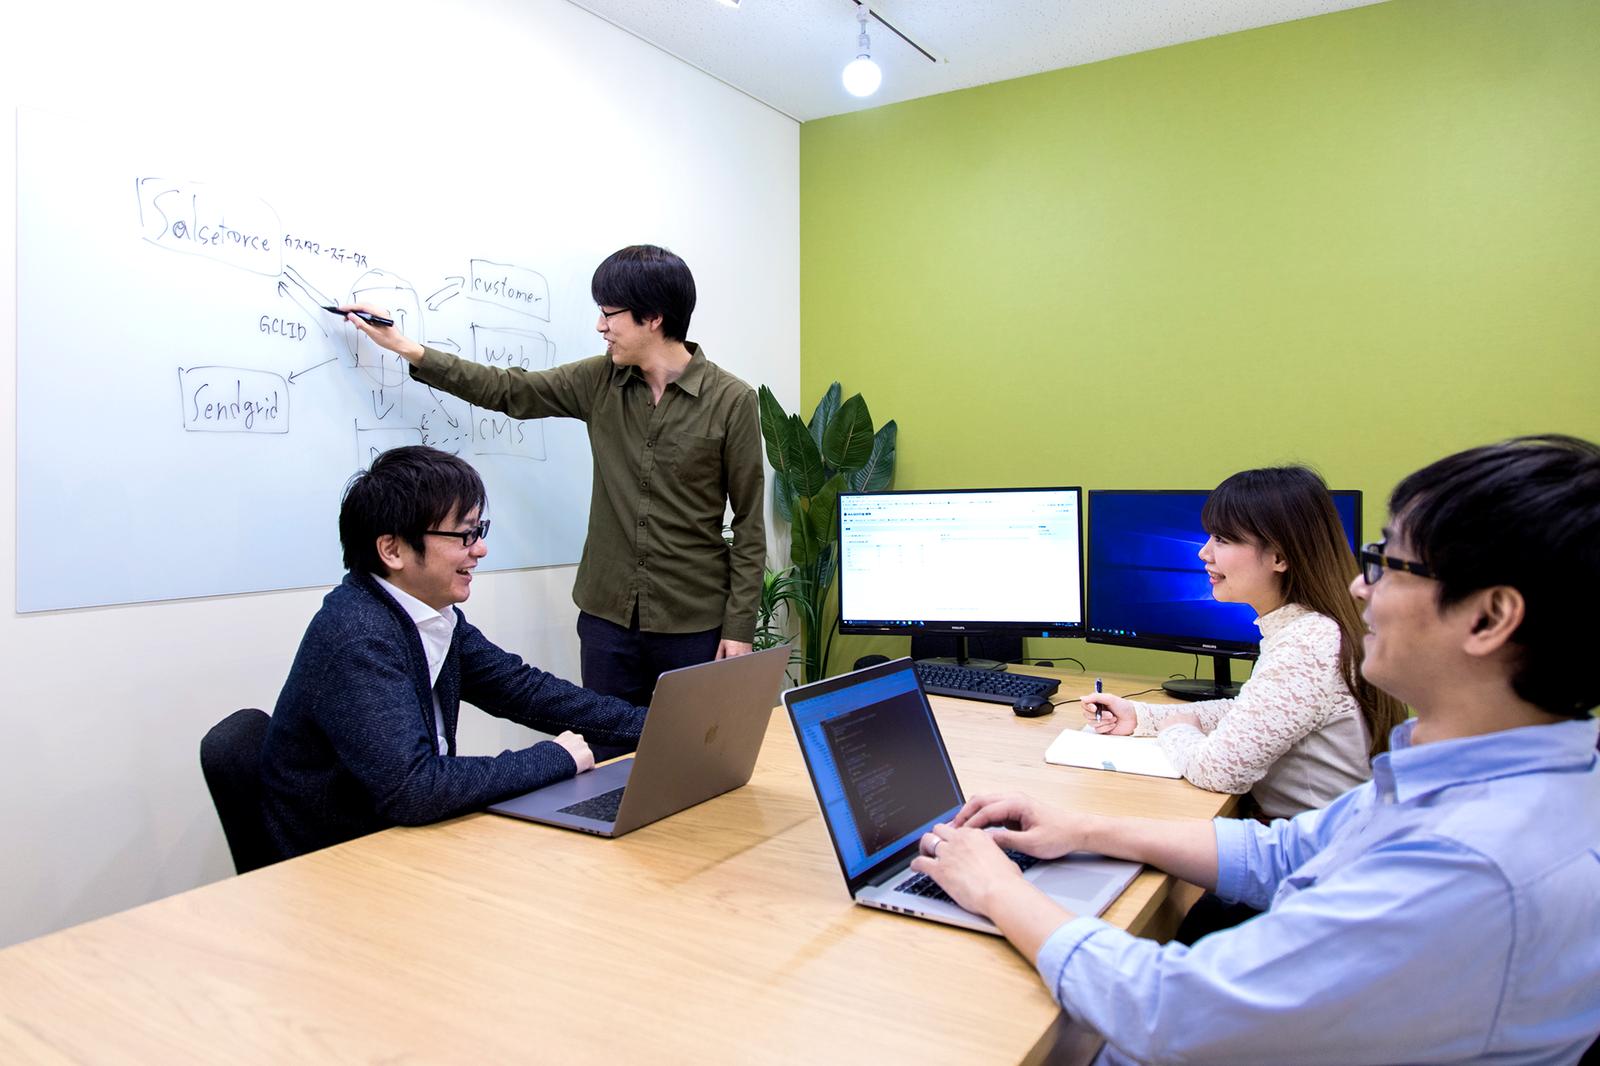 【Webエンジニア】月間1,200万PVのメディア「みんなの介護」の開発をリードしてくれるエンジニアを募集!